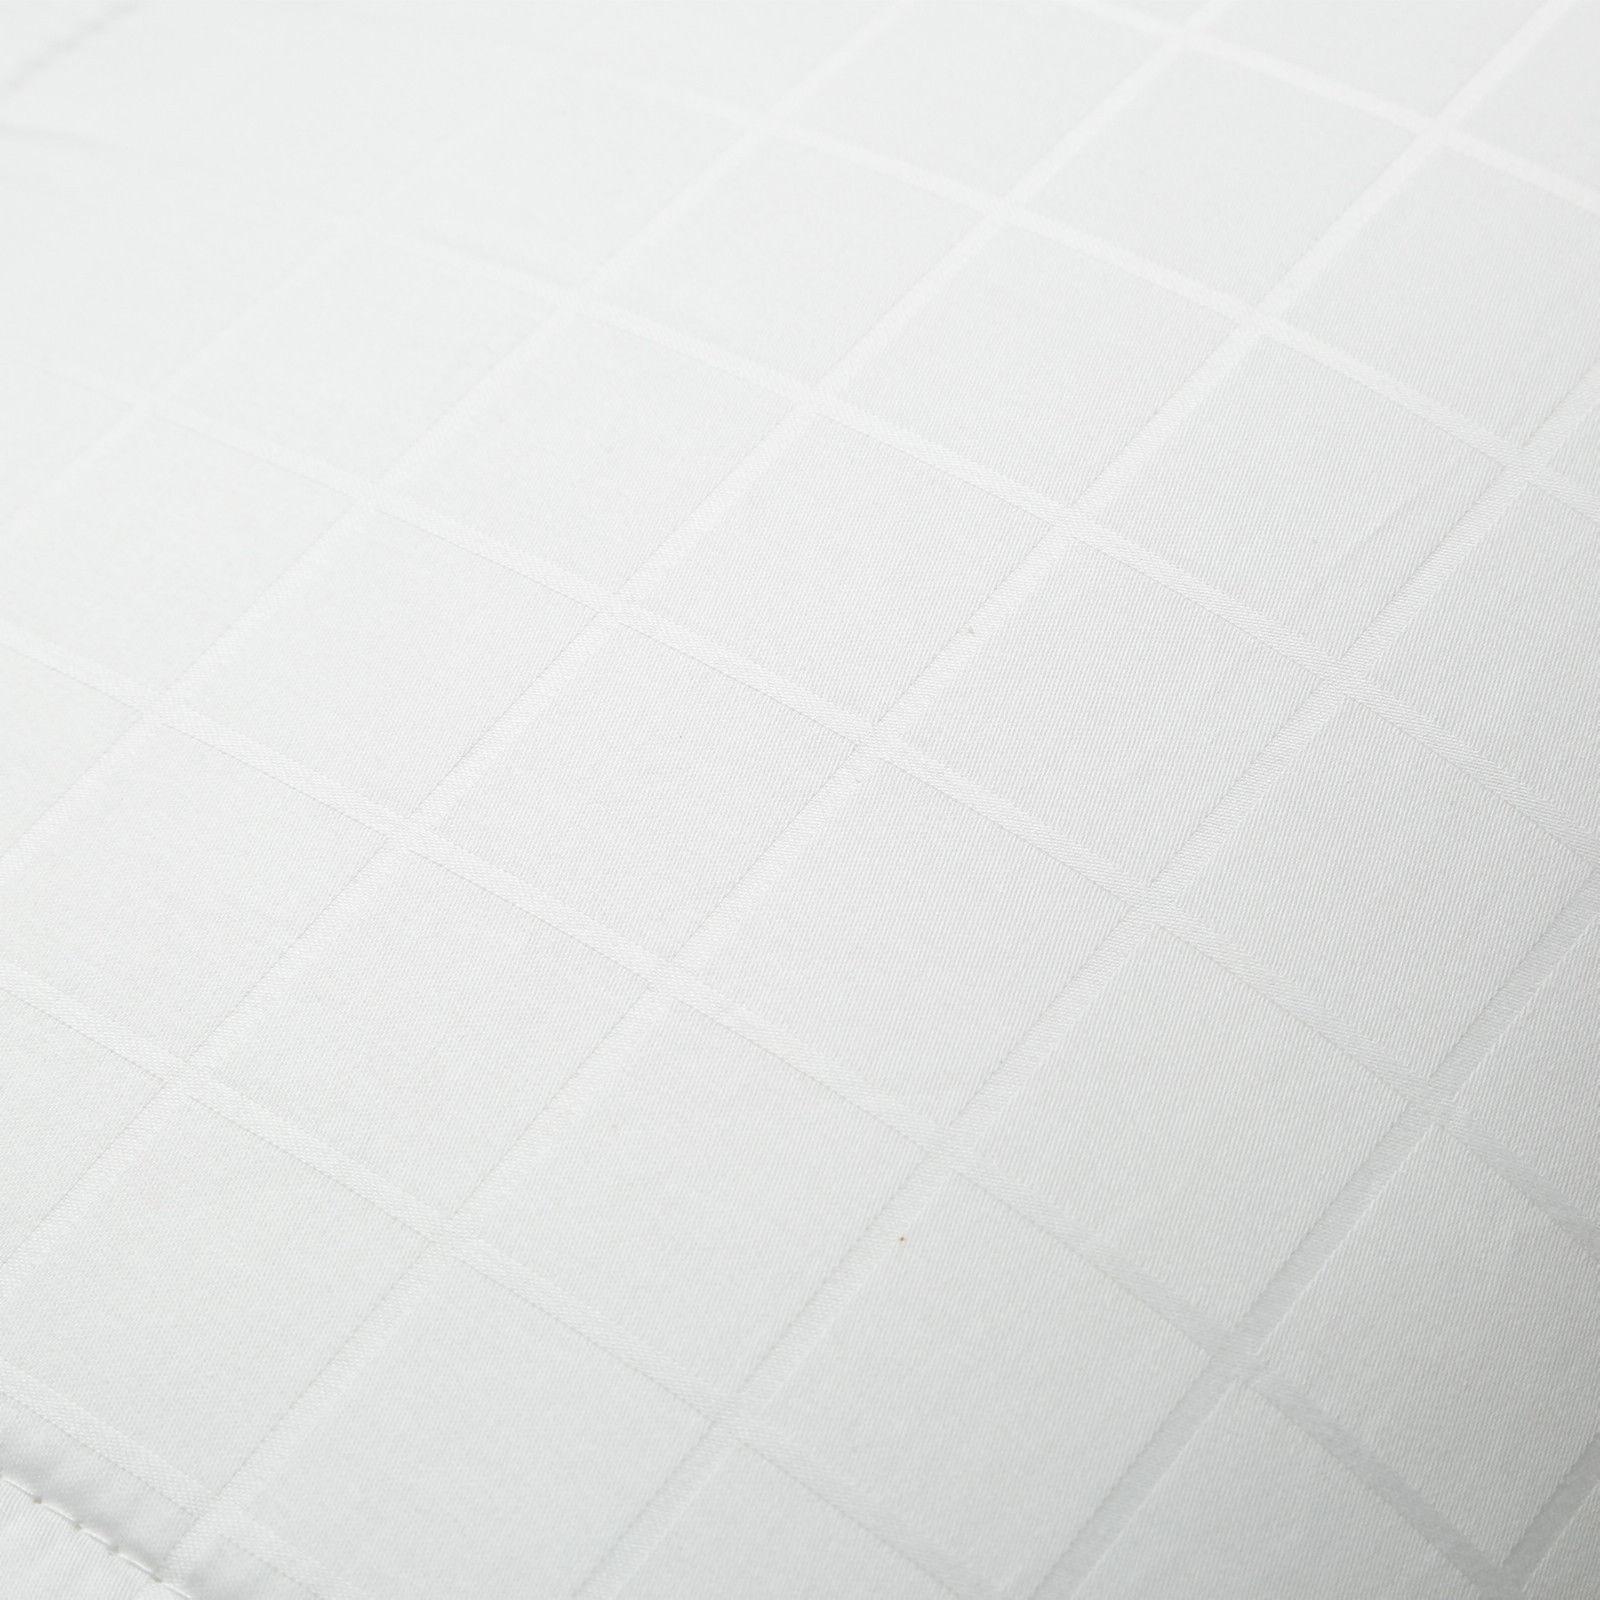 Mulberry Soie Rempli Couette Toutes Toutes Couette Saisons Combinaison Superking 260 cm x 220 cm 526645